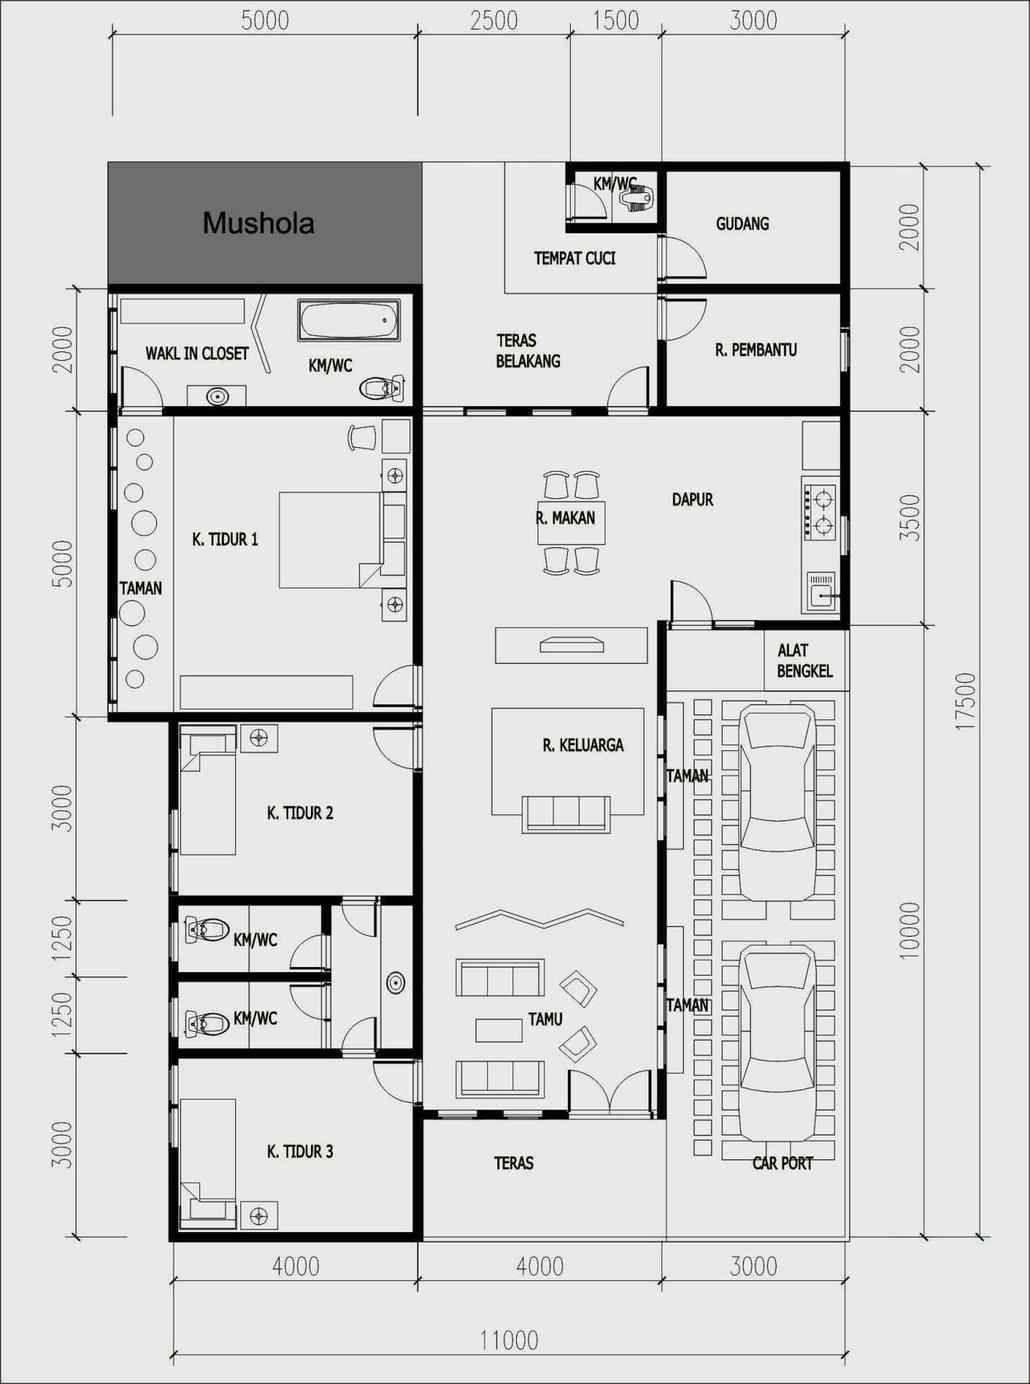 rumah 1 lantai 4 kamar tidur dan mushola